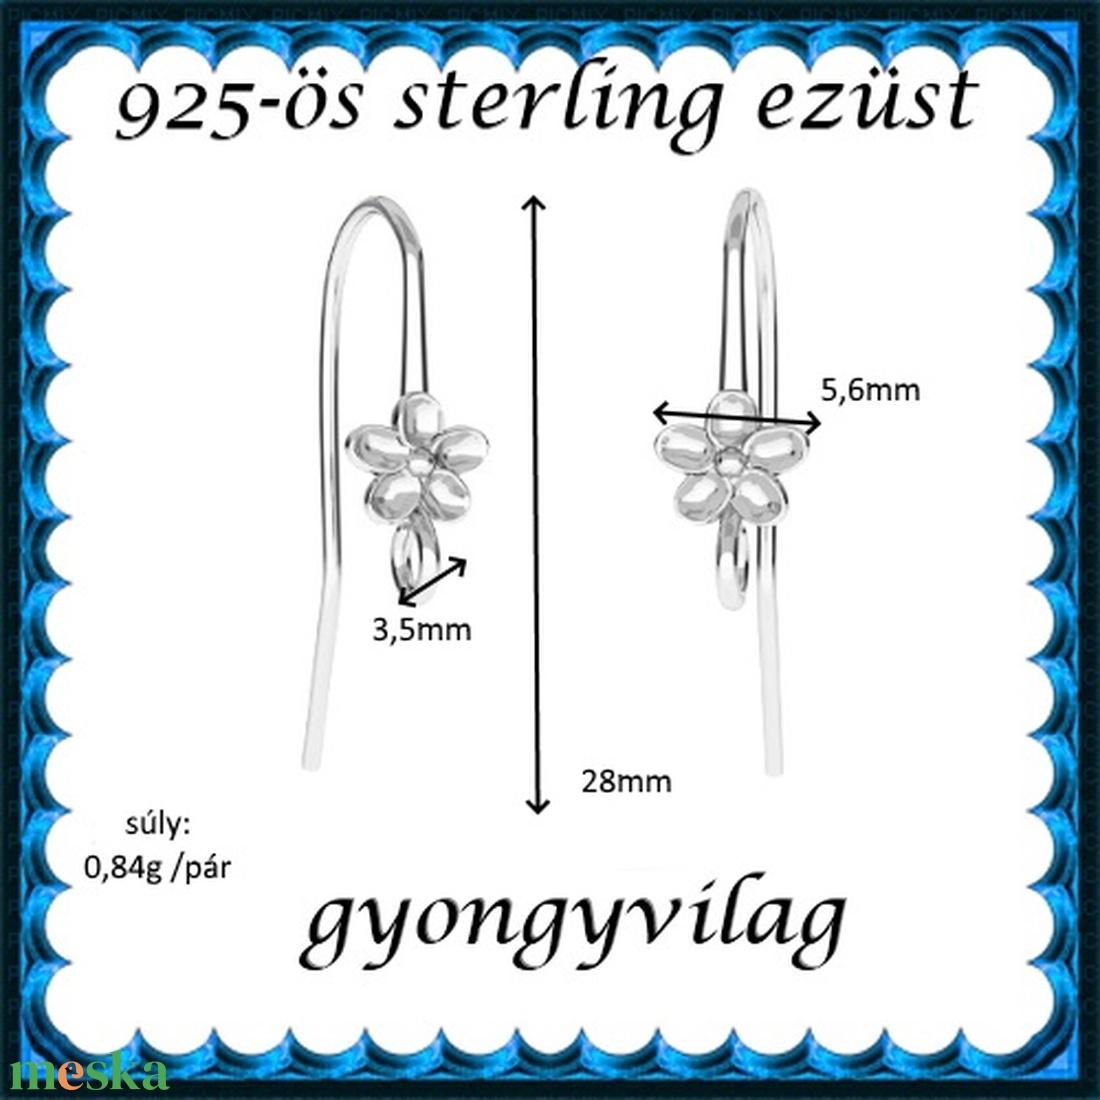 925-ös sterling ezüst ékszerkellék: fülbevalóalap akasztós EFK A 90 - gyöngy, ékszerkellék - egyéb alkatrész - Meska.hu